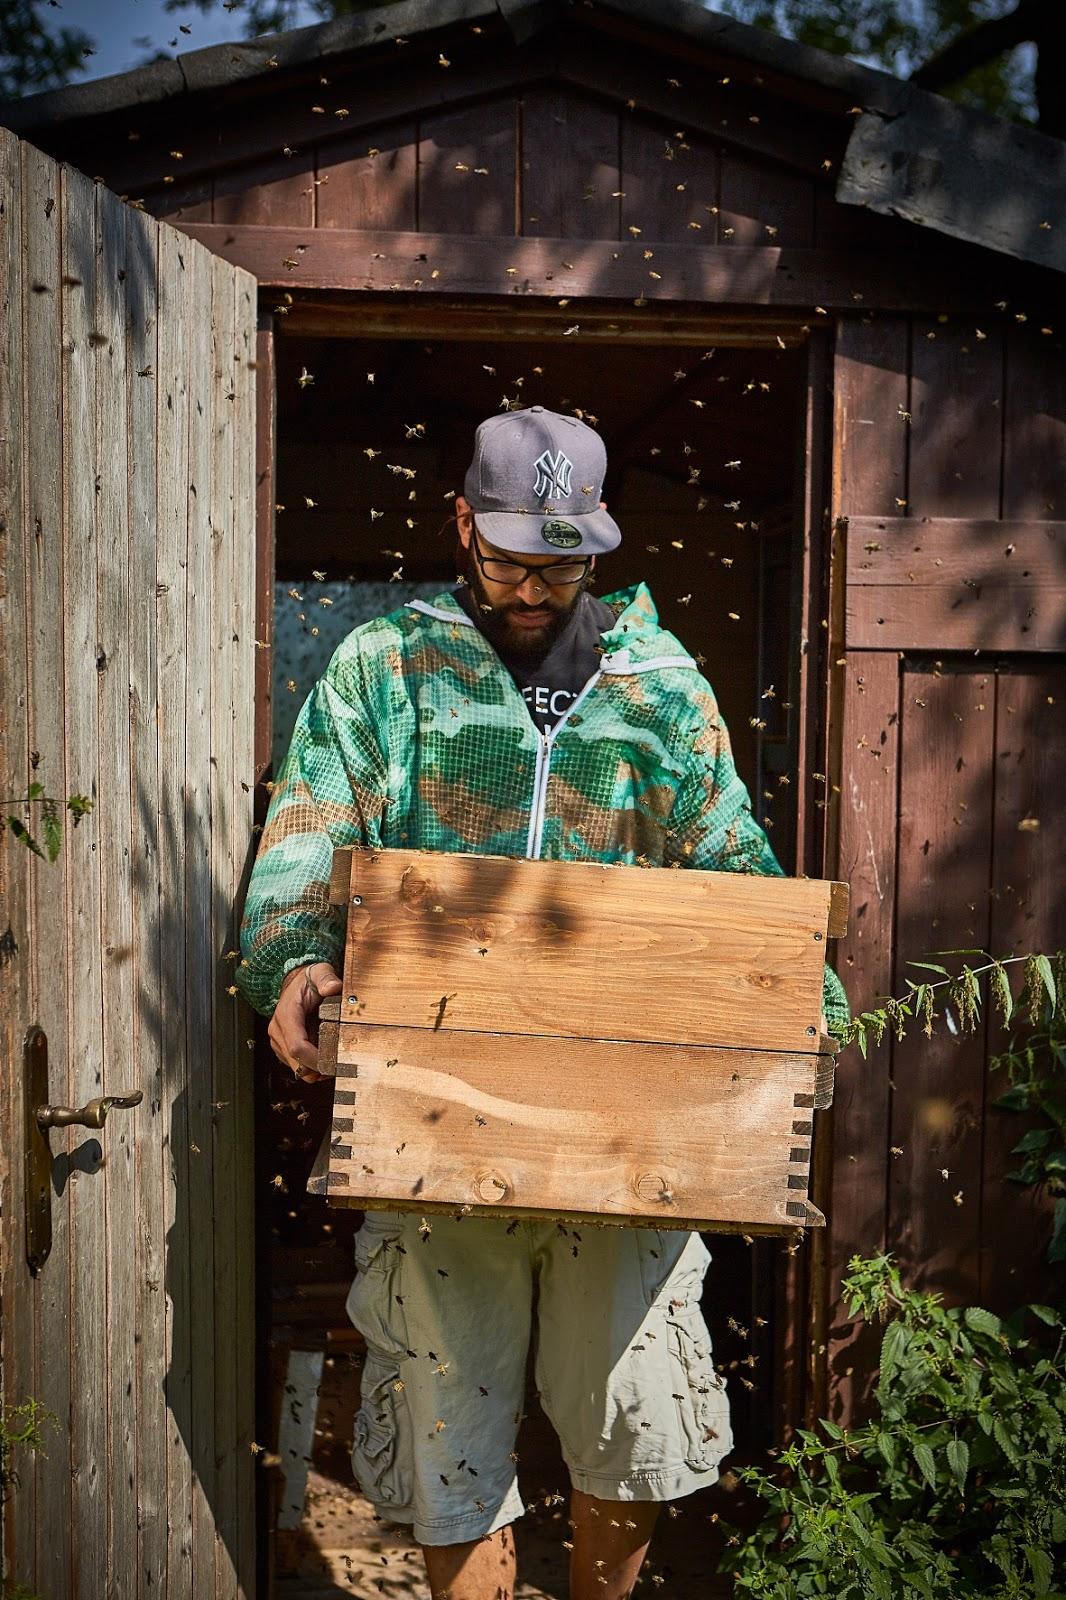 Eine musikalische Honig Verkostung des Münchner Künstlers Edward Obika, ist der Albumtipp des Monats und das Beattape des Jahres 2019 im Atomlabor Blog.